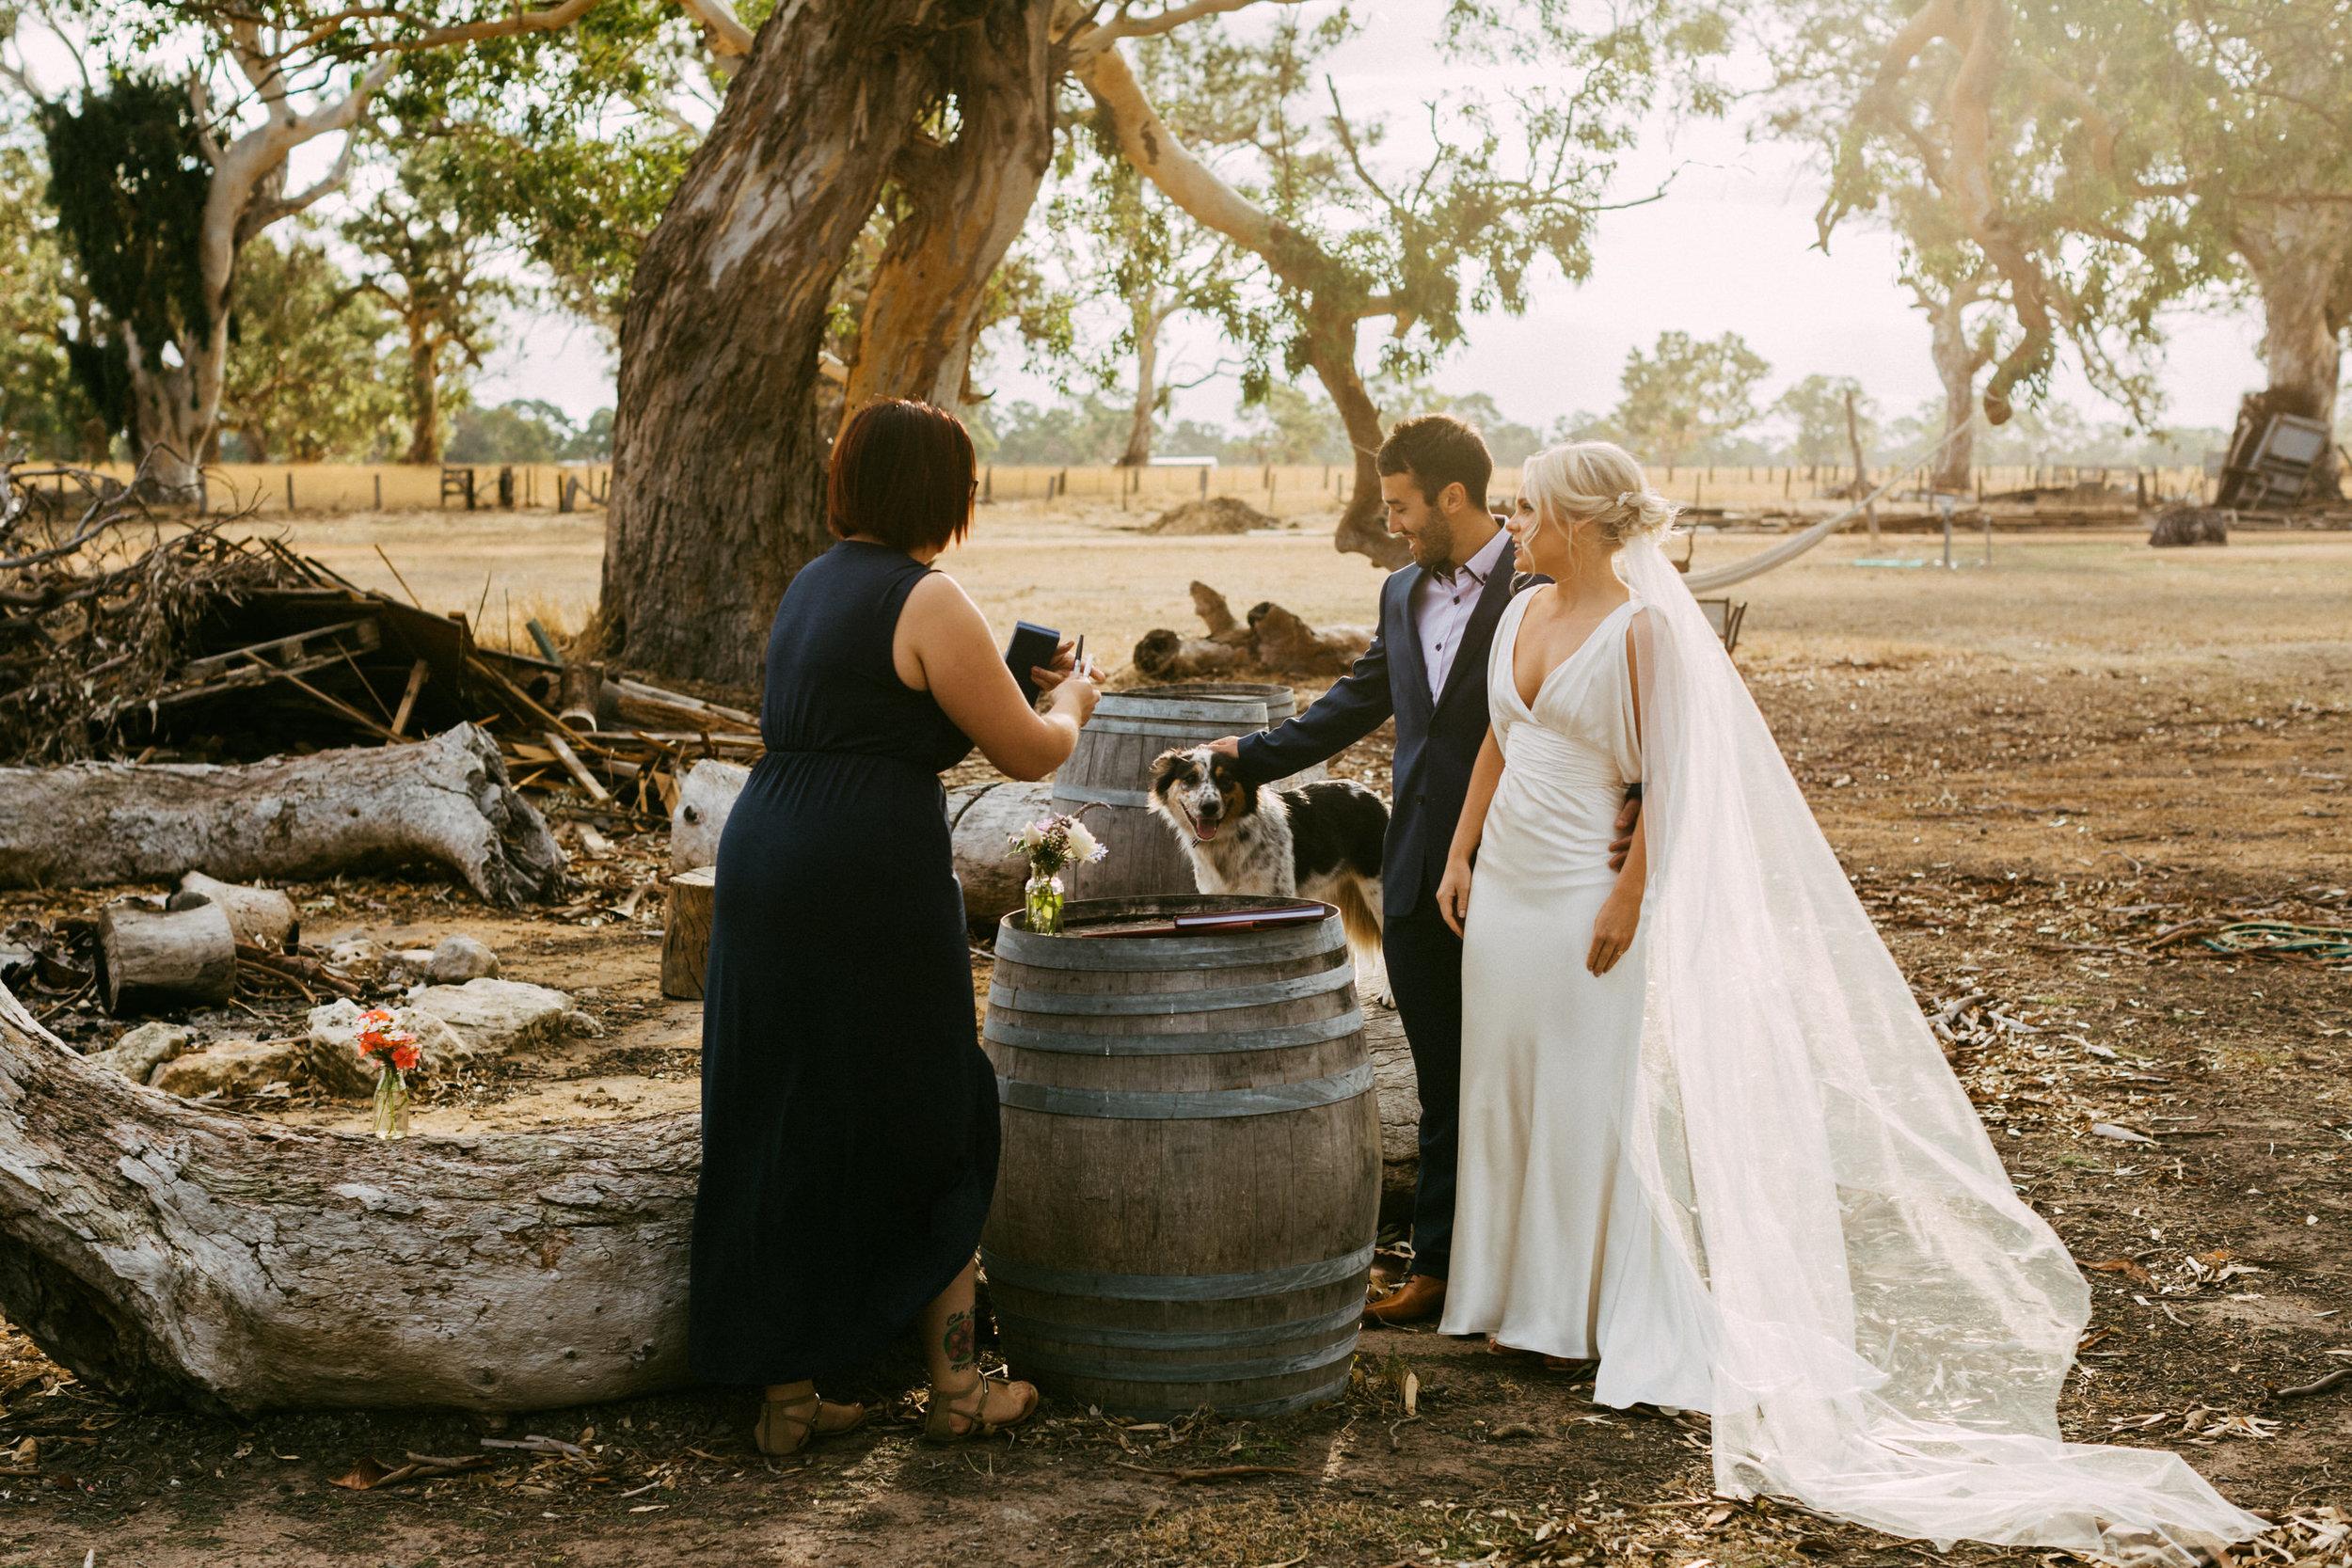 Coonawarra Elopement South Australia 039.jpg